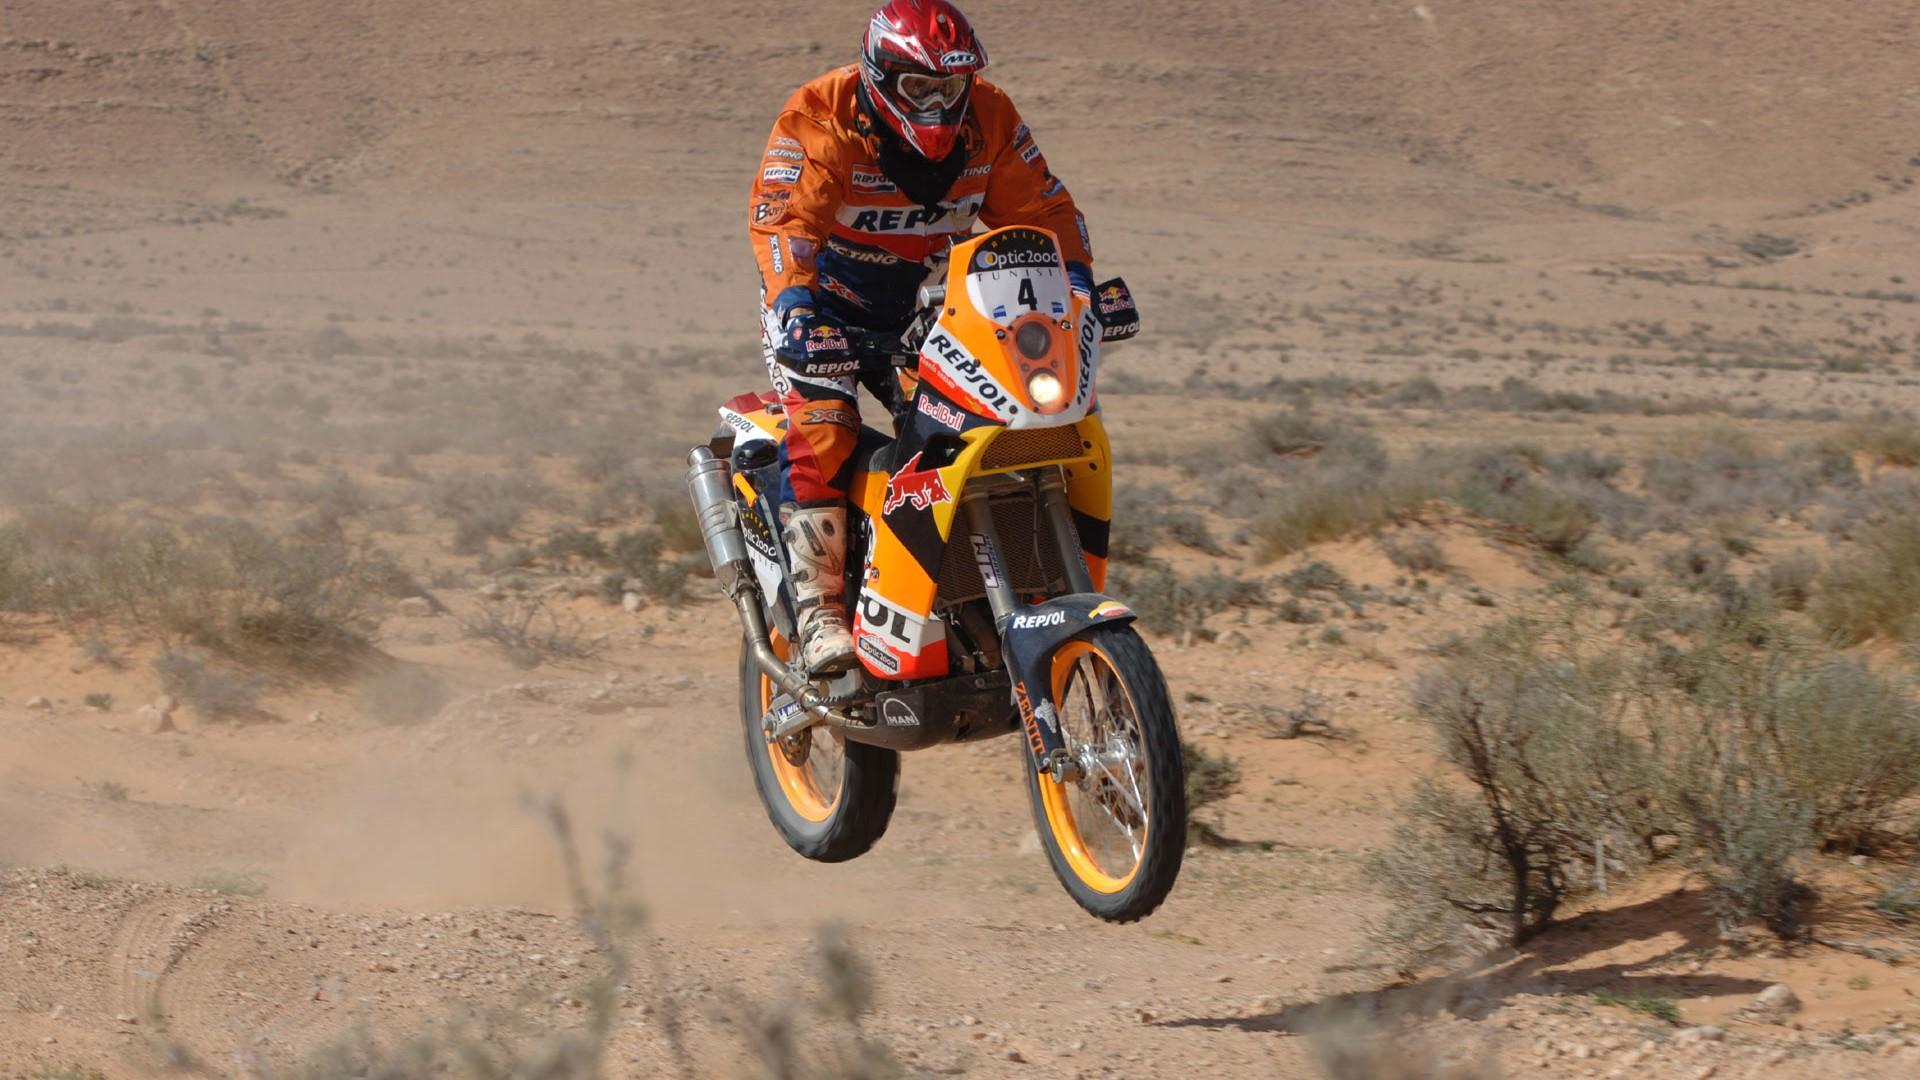 オフロードバイクのhd画像 2 25 19x1080 壁紙ダウンロード オフロードバイクのhd画像 2 スポーツ 壁紙 V3の 壁紙